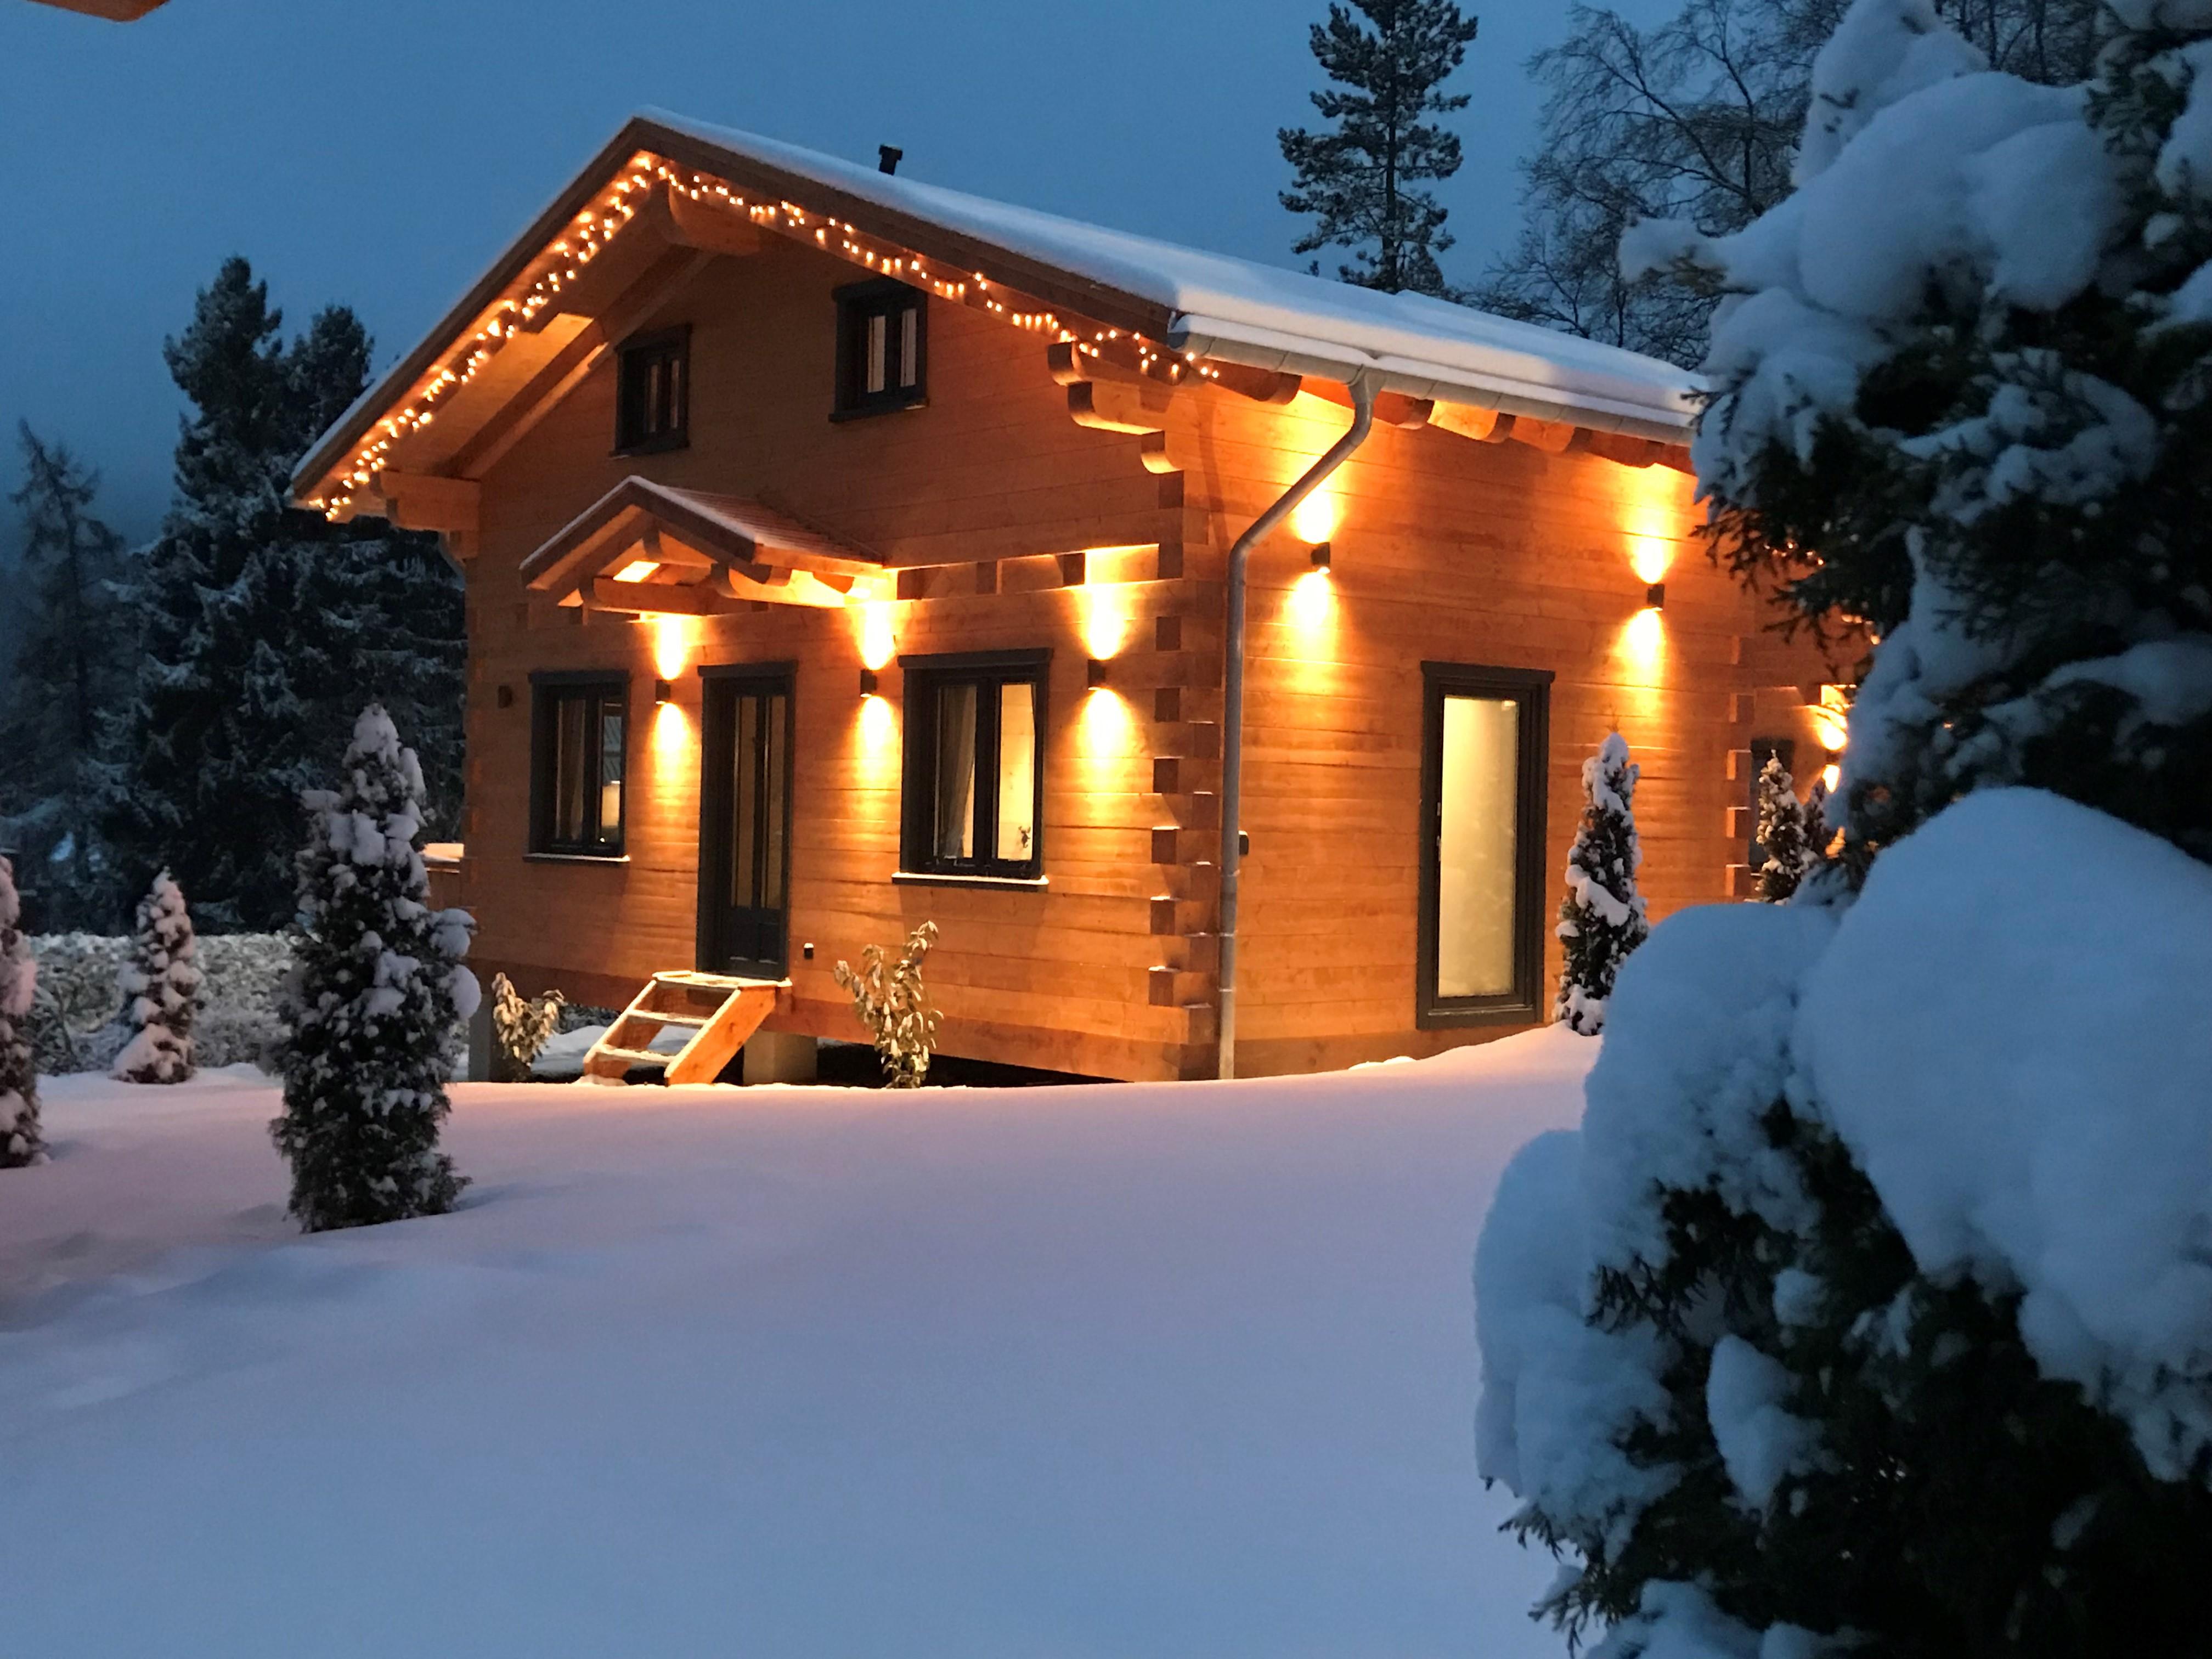 5 Sterne Blockhäuser in Hahnenklee - Außenansicht im Winter